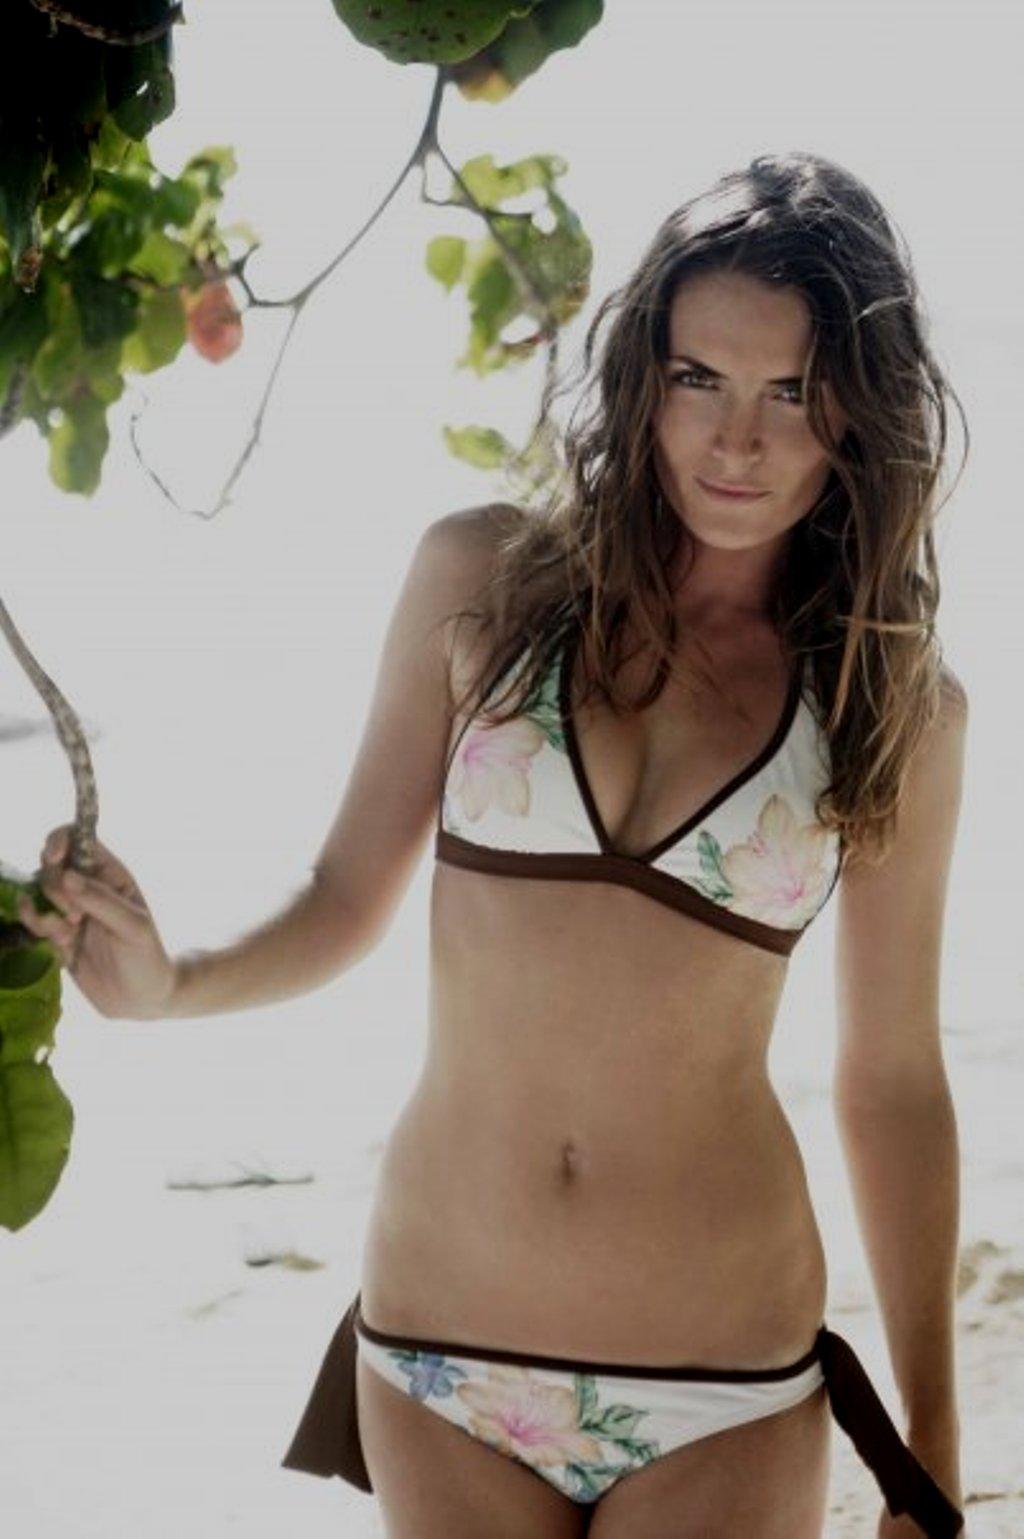 Jenna von oy naked